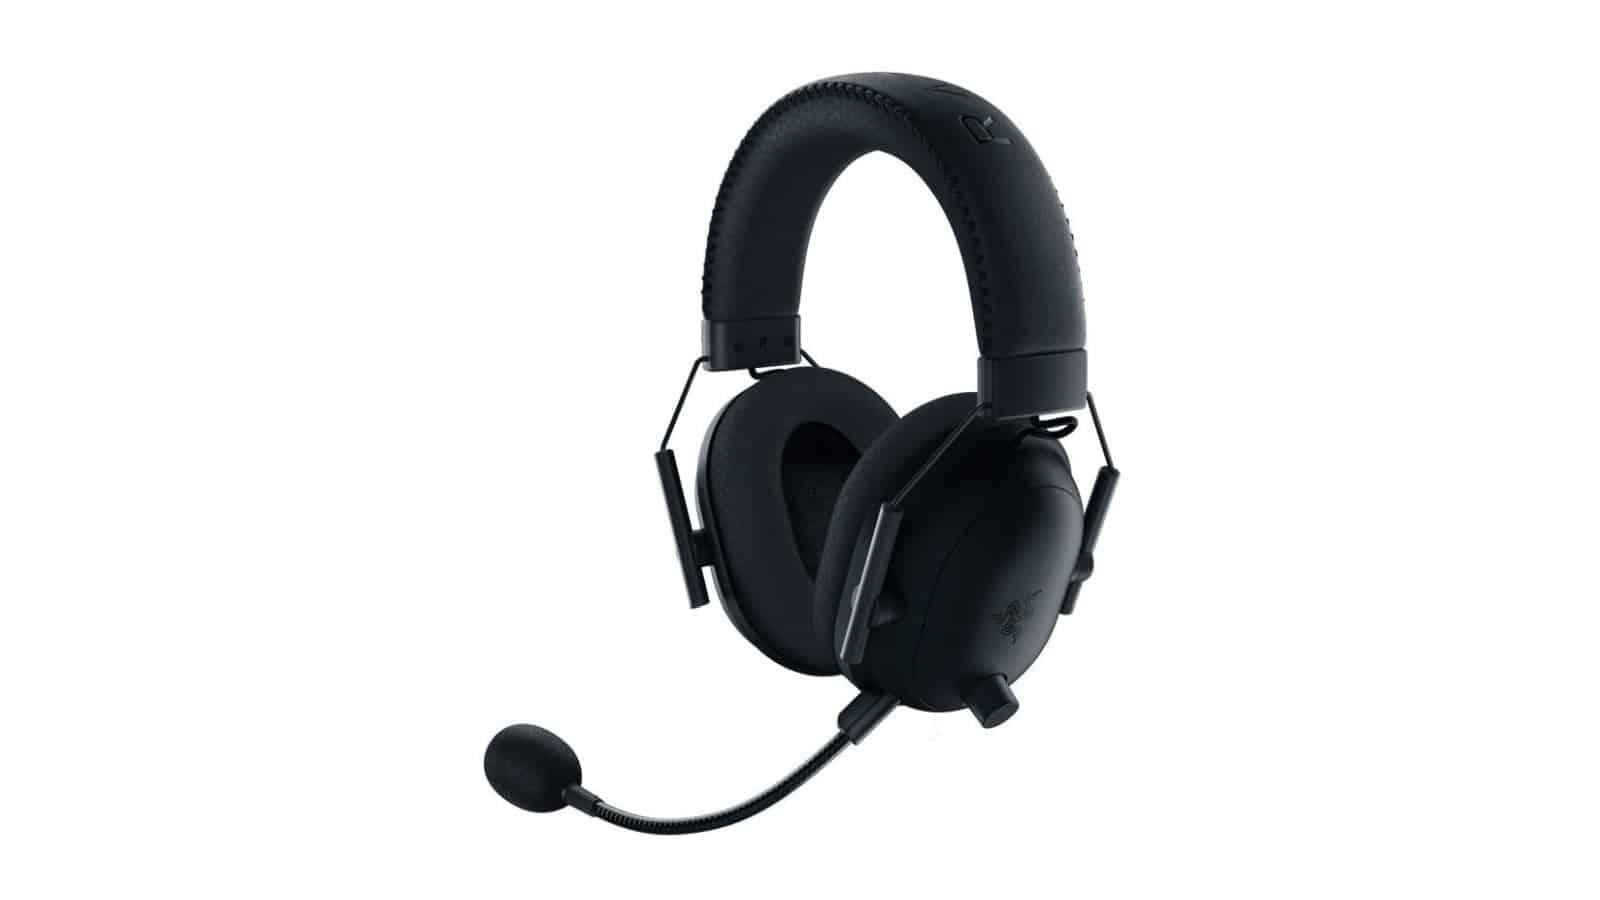 Razer Black Shark V2 Pro Wireless